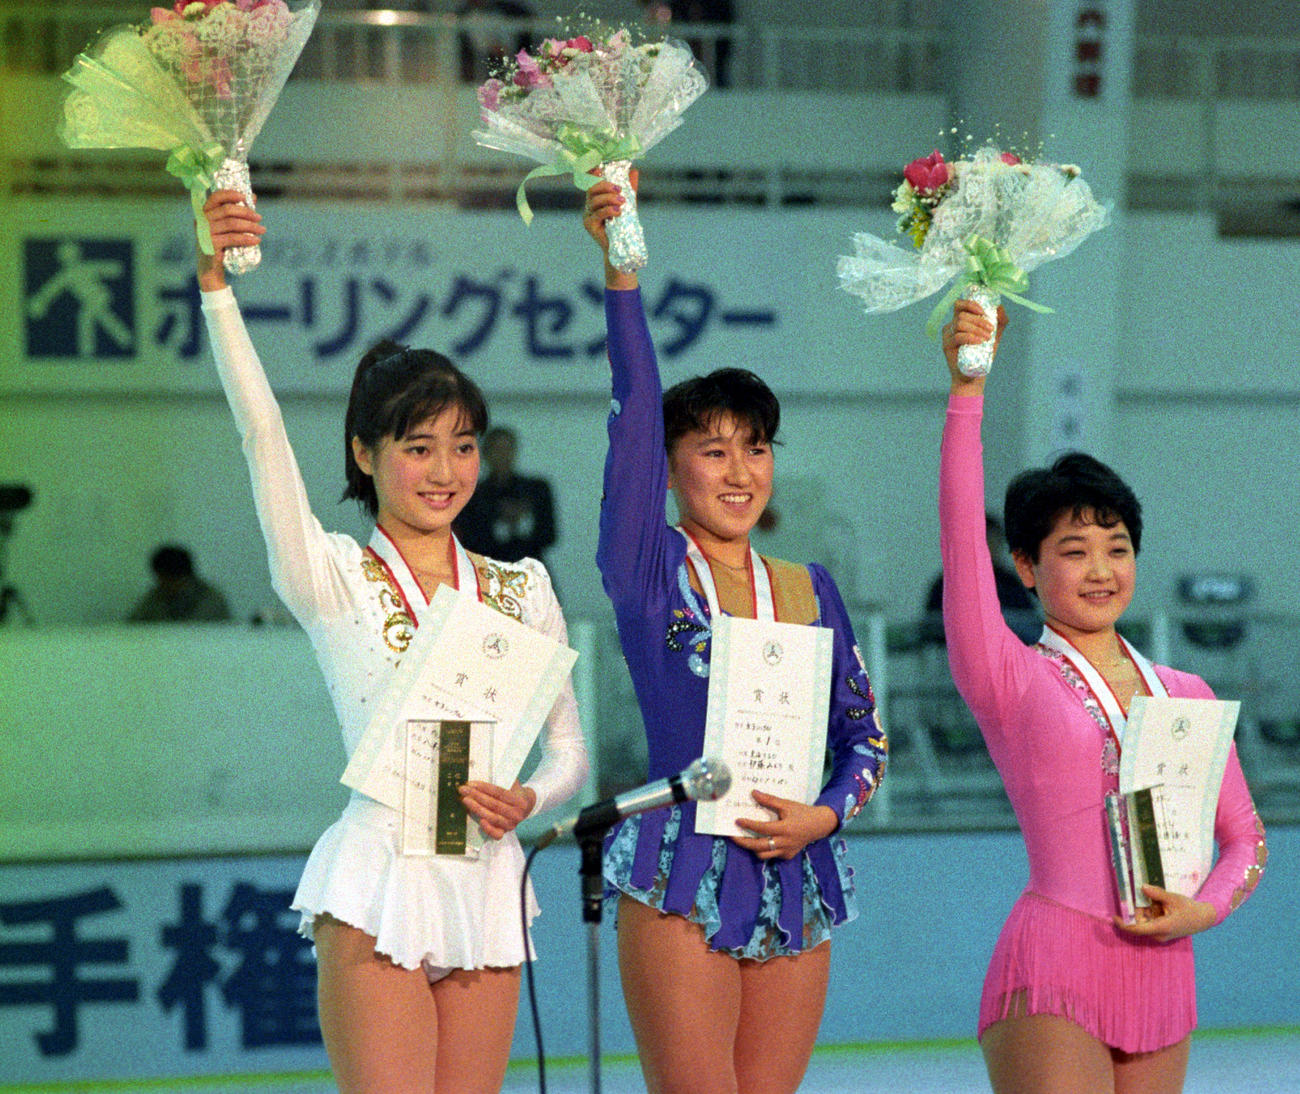 全日本フィギュア選手権の女子シングル表彰式で左から2位八木沼純子、優勝伊藤みどり、3位佐藤有香(1988年1月15日)